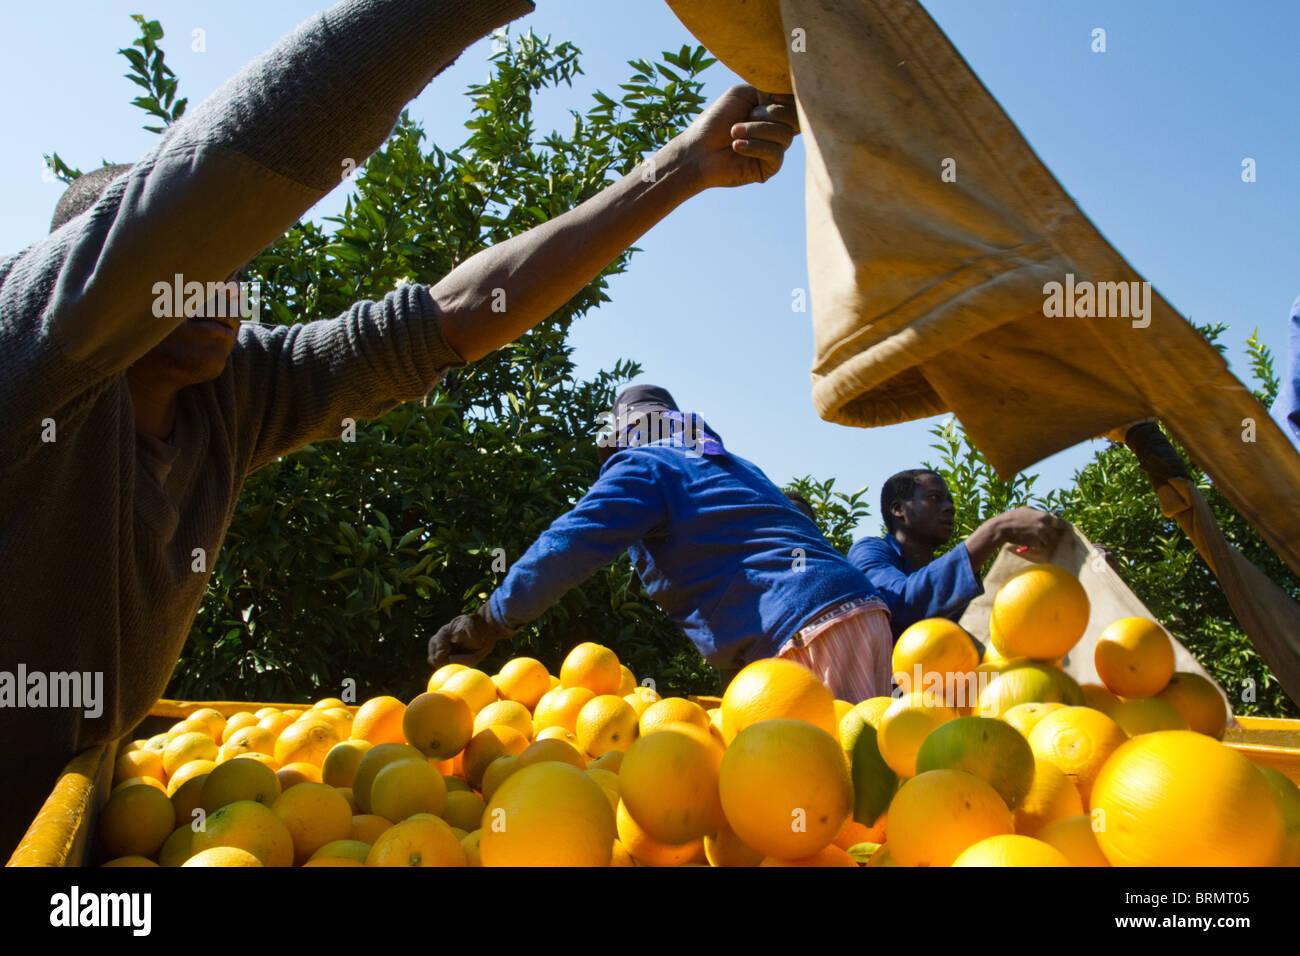 Arbeitnehmer, die einen Beutel mit frisch geerntete Orangen in einen Anhänger zu entleeren Stockbild